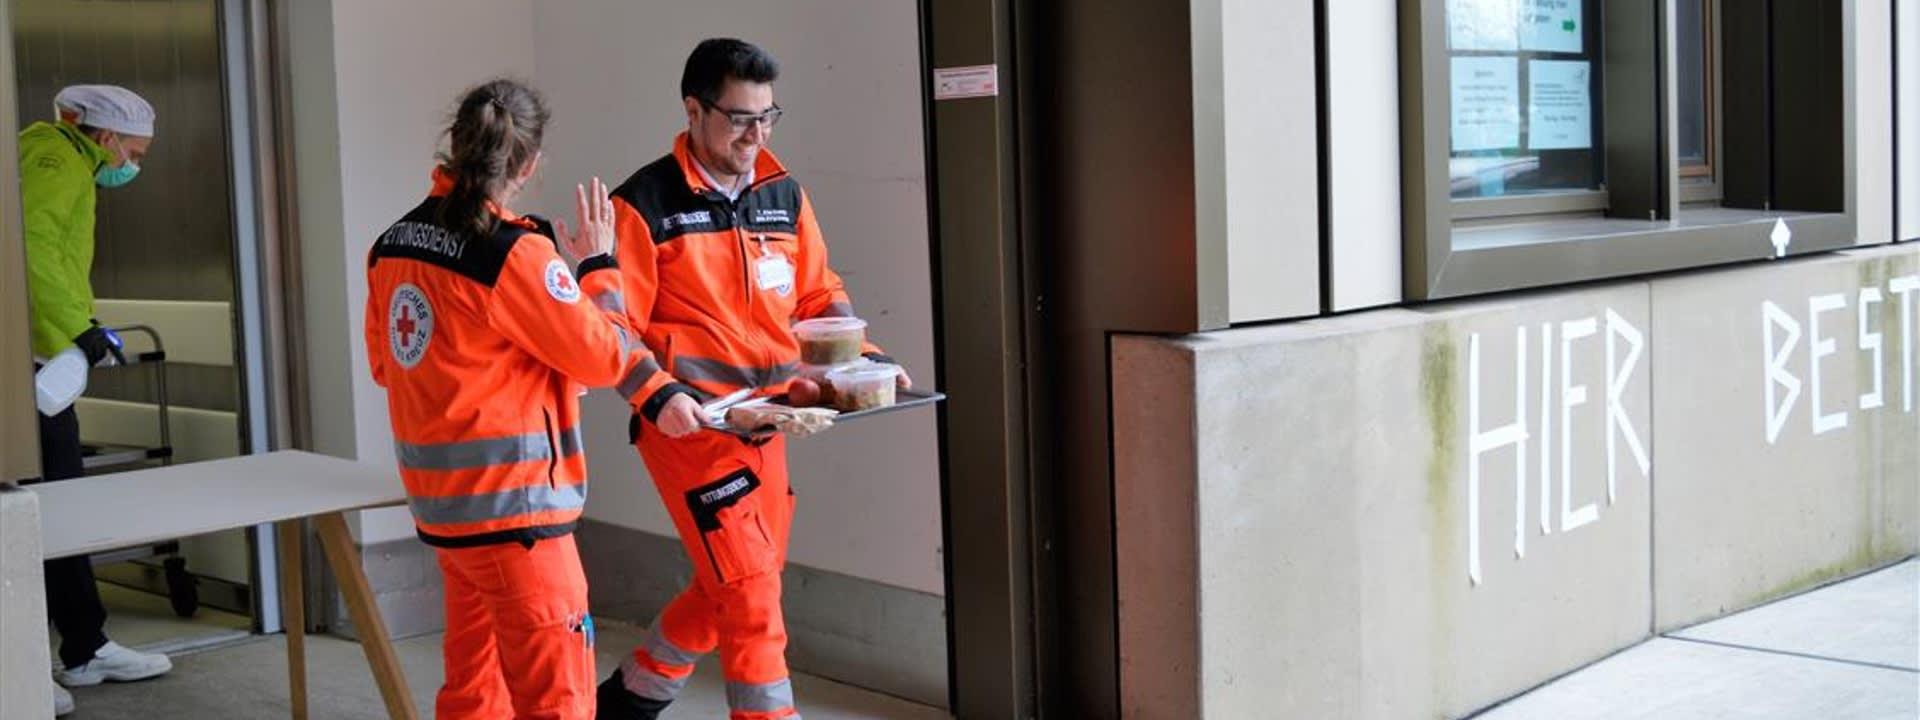 Verpflegung für Krisenhelden: Rund 7.000 Essen wurden an Münchner Einsatzkräfte verteilt.